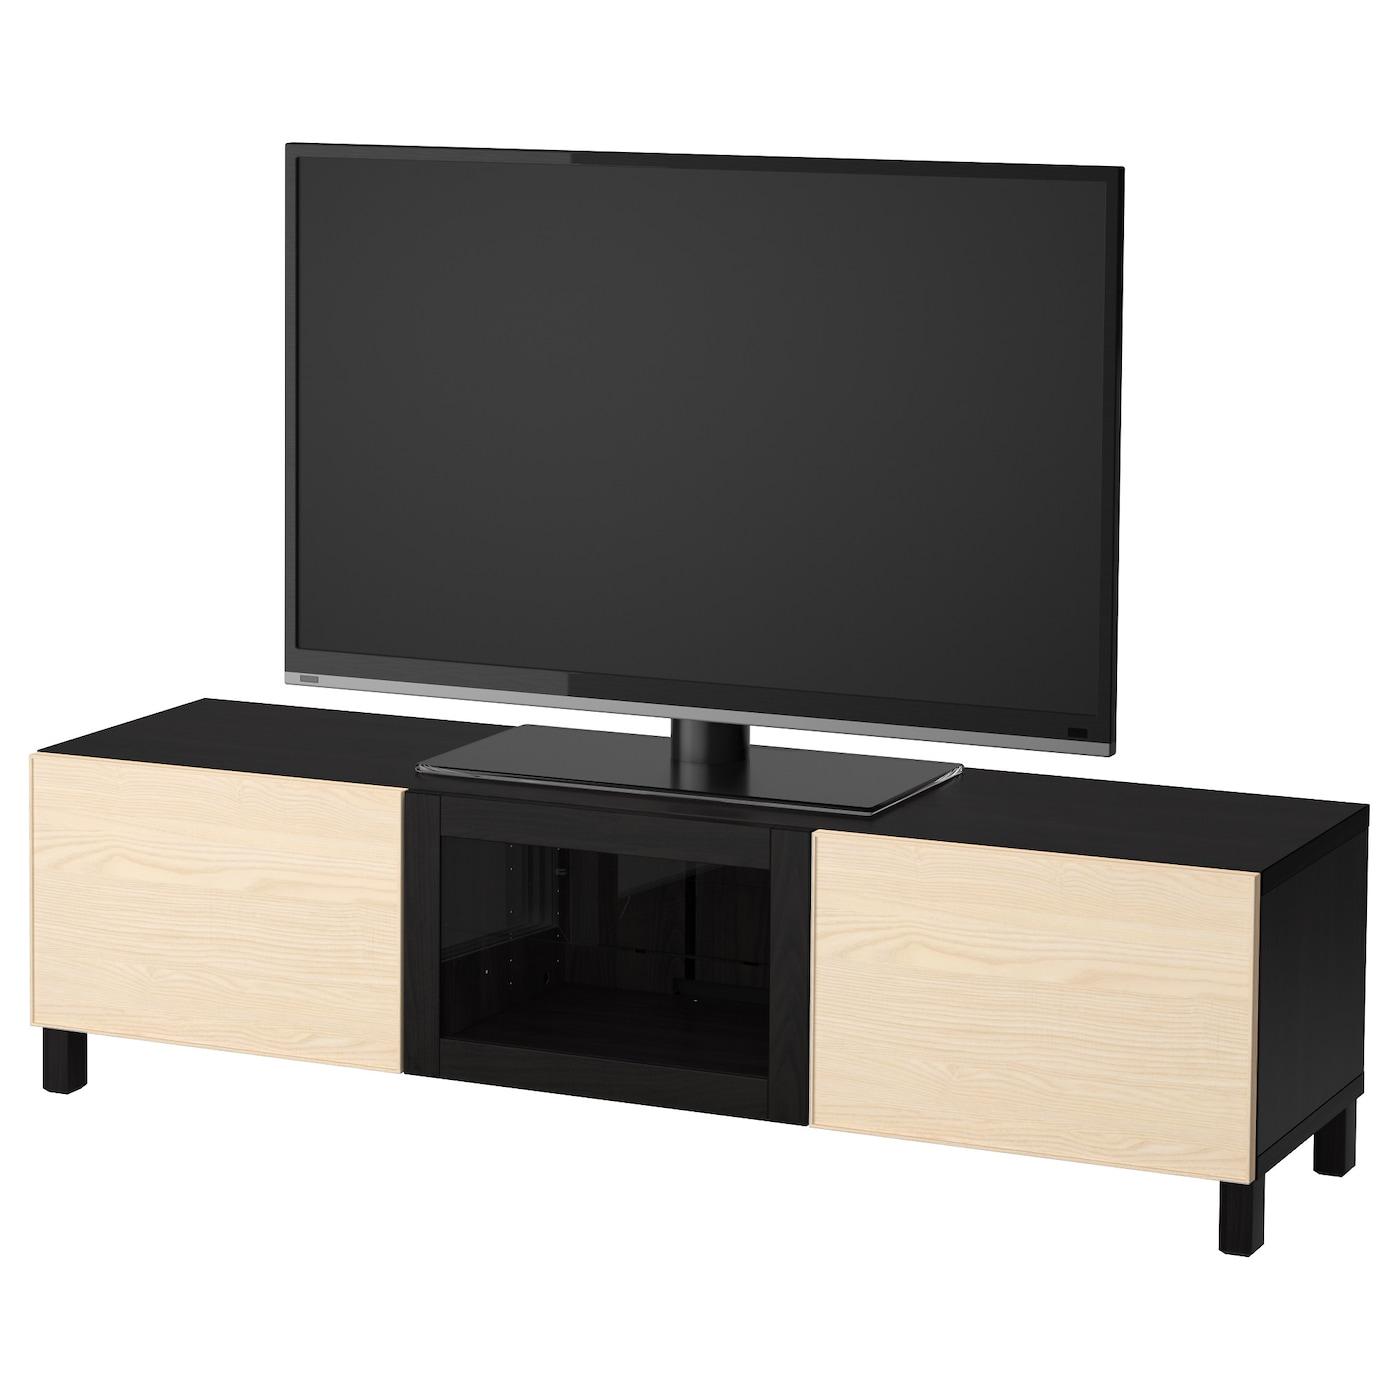 Best Tv Bench With Drawers And Door Black Brown Inviken Ash Veneer 180x40x48 Cm Ikea